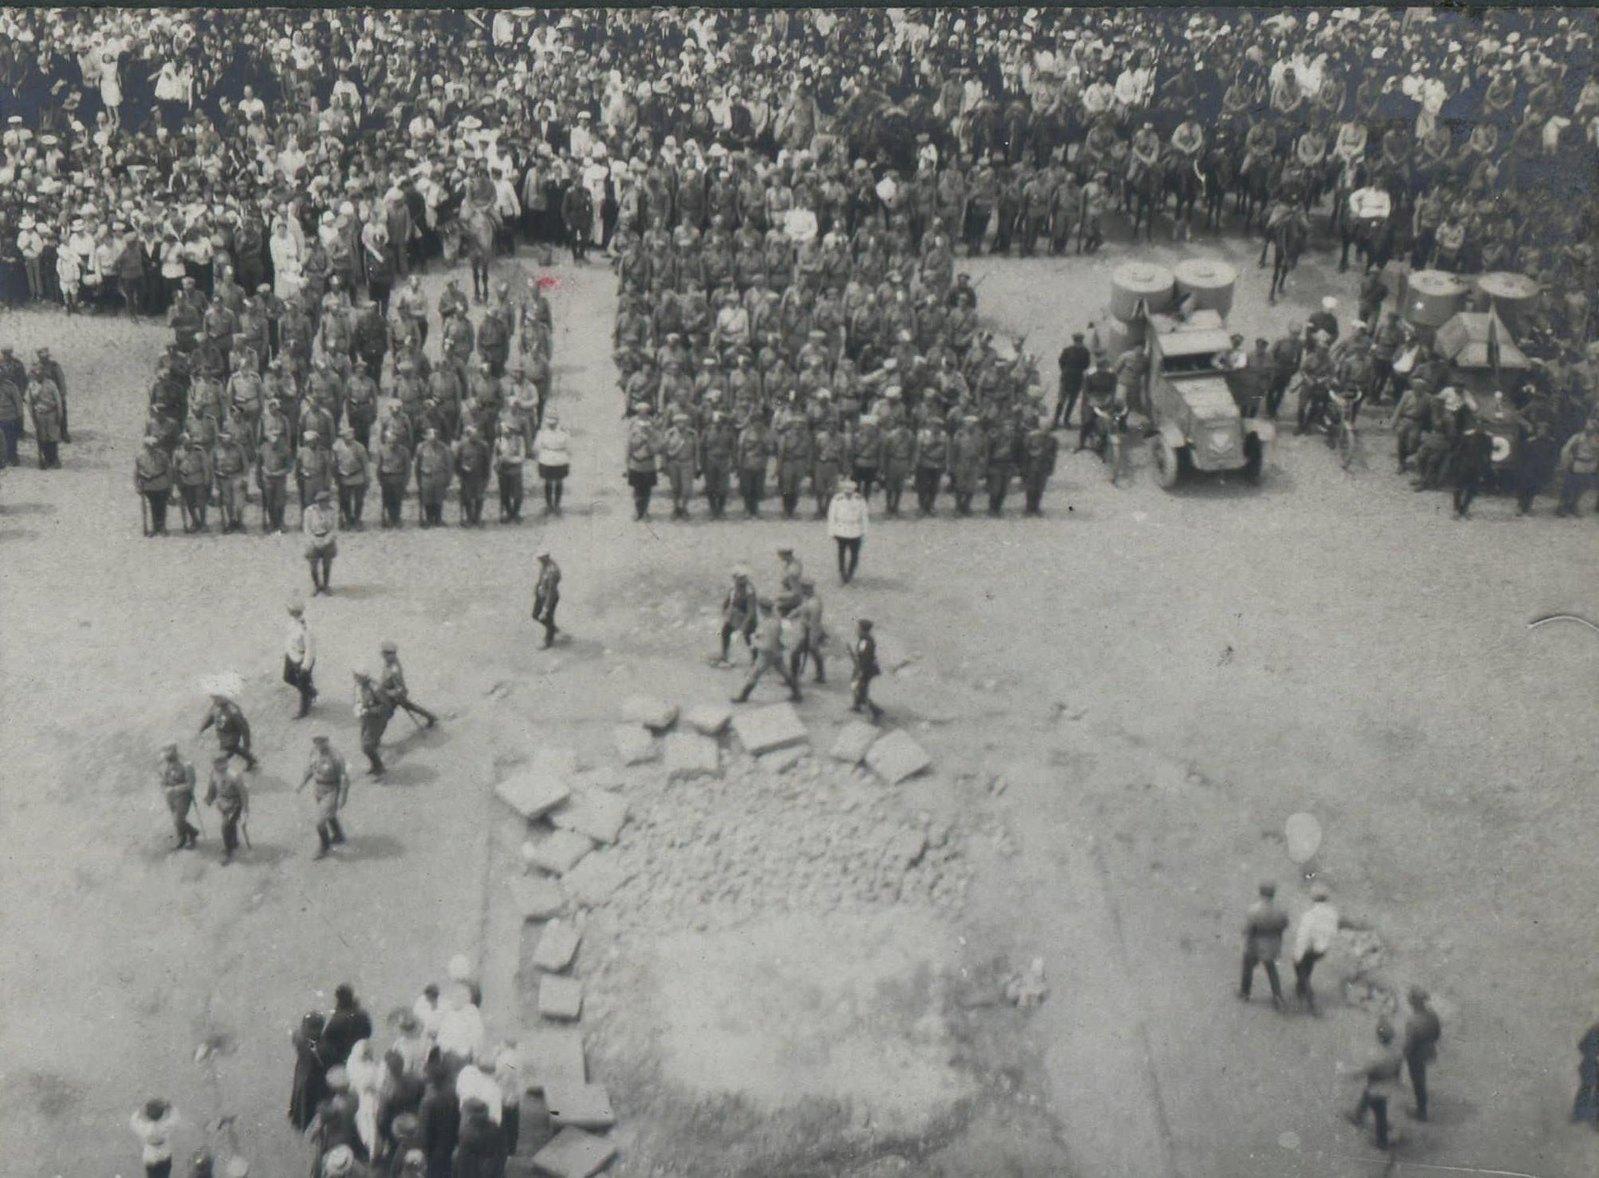 149. 1919. Панихида по павшим воинам в Харькове, июнь